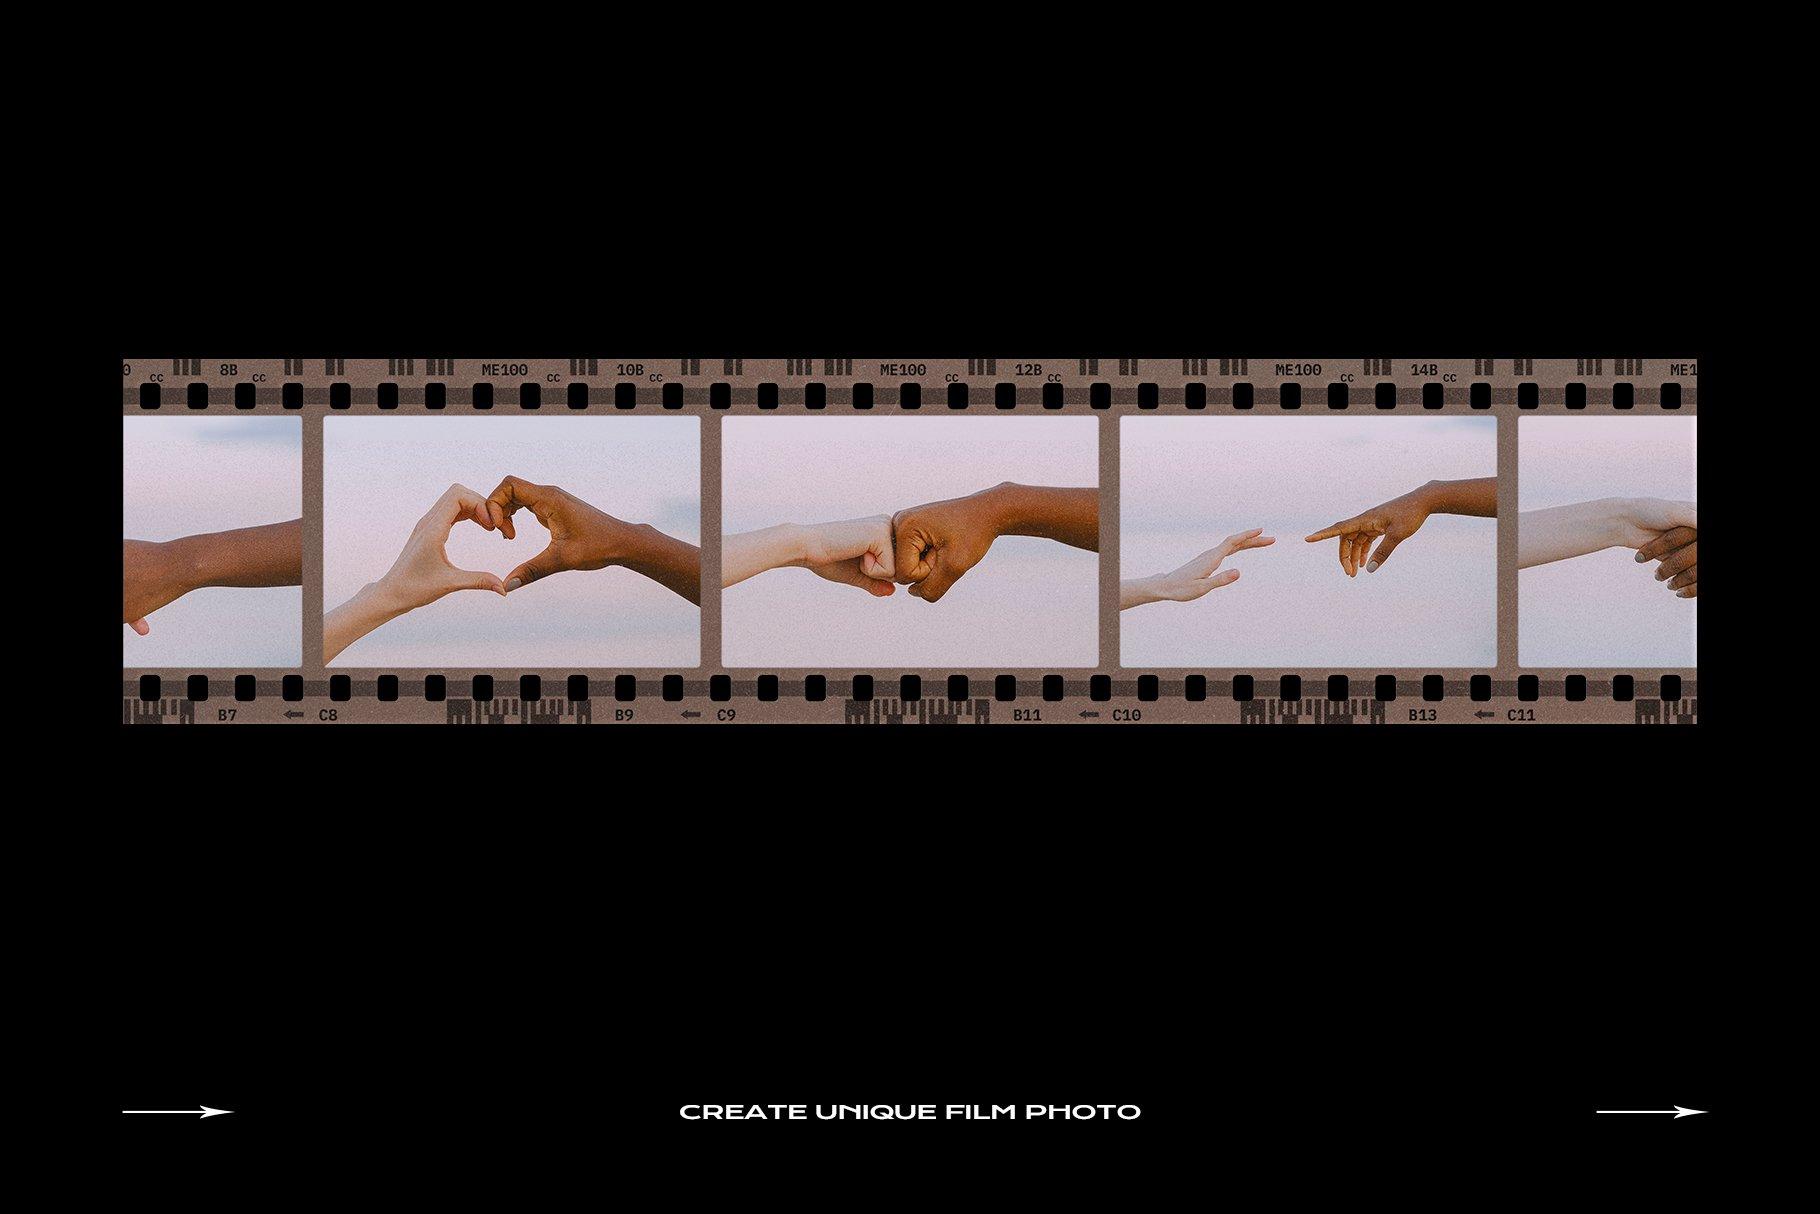 120款复古质感胶卷底片相片边框特效滤镜样机模板 Film Frame Mockup Template Bundle插图(9)